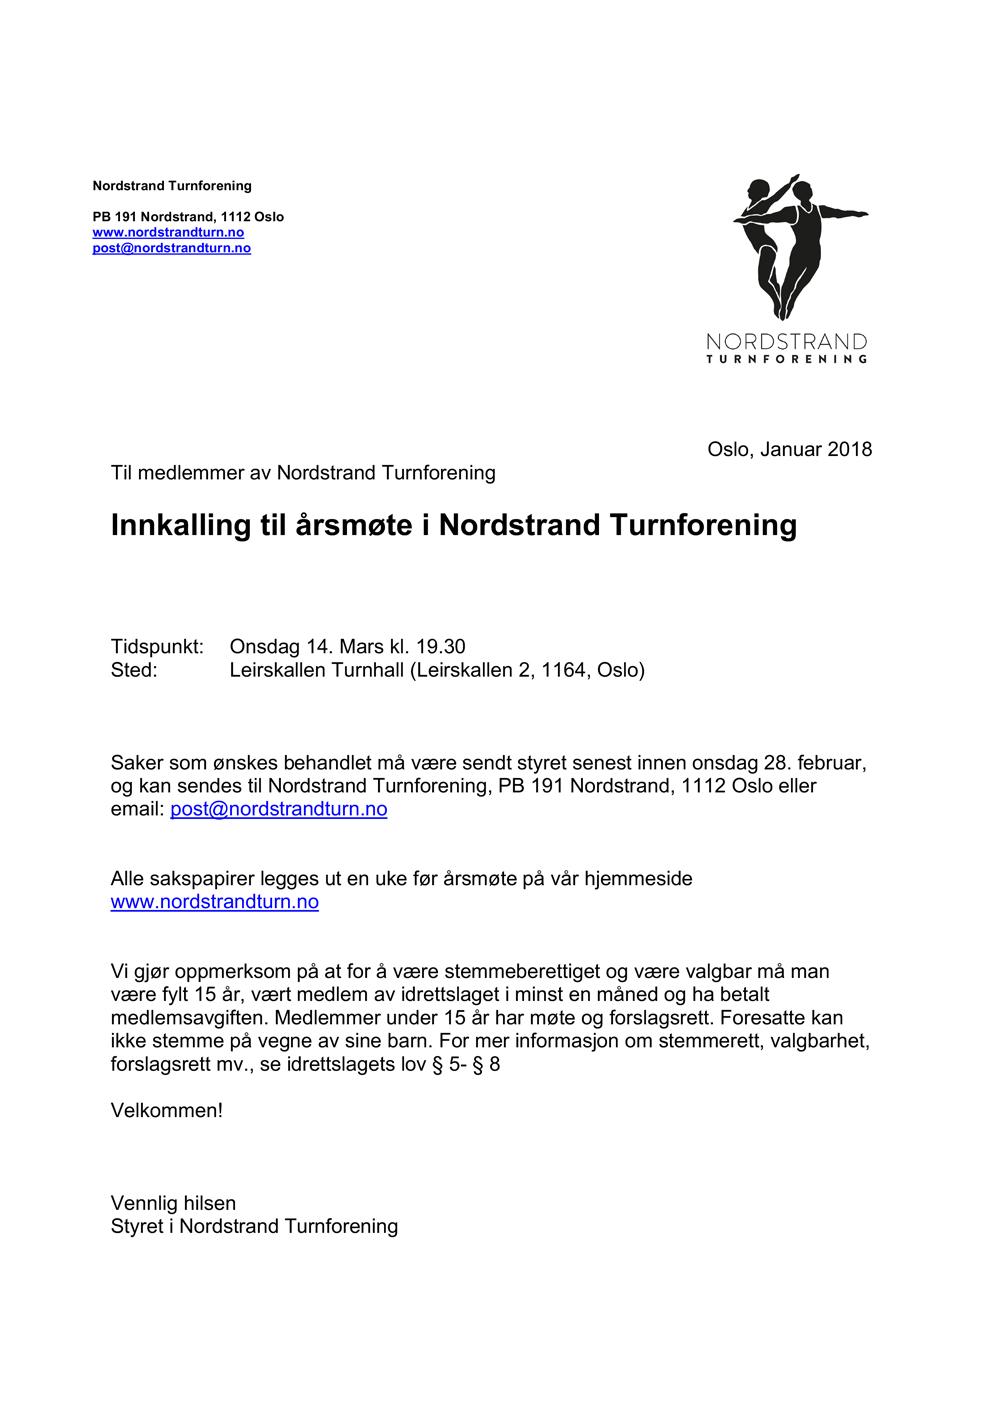 Innkalling-årsmøte-14.03.2018.jpg